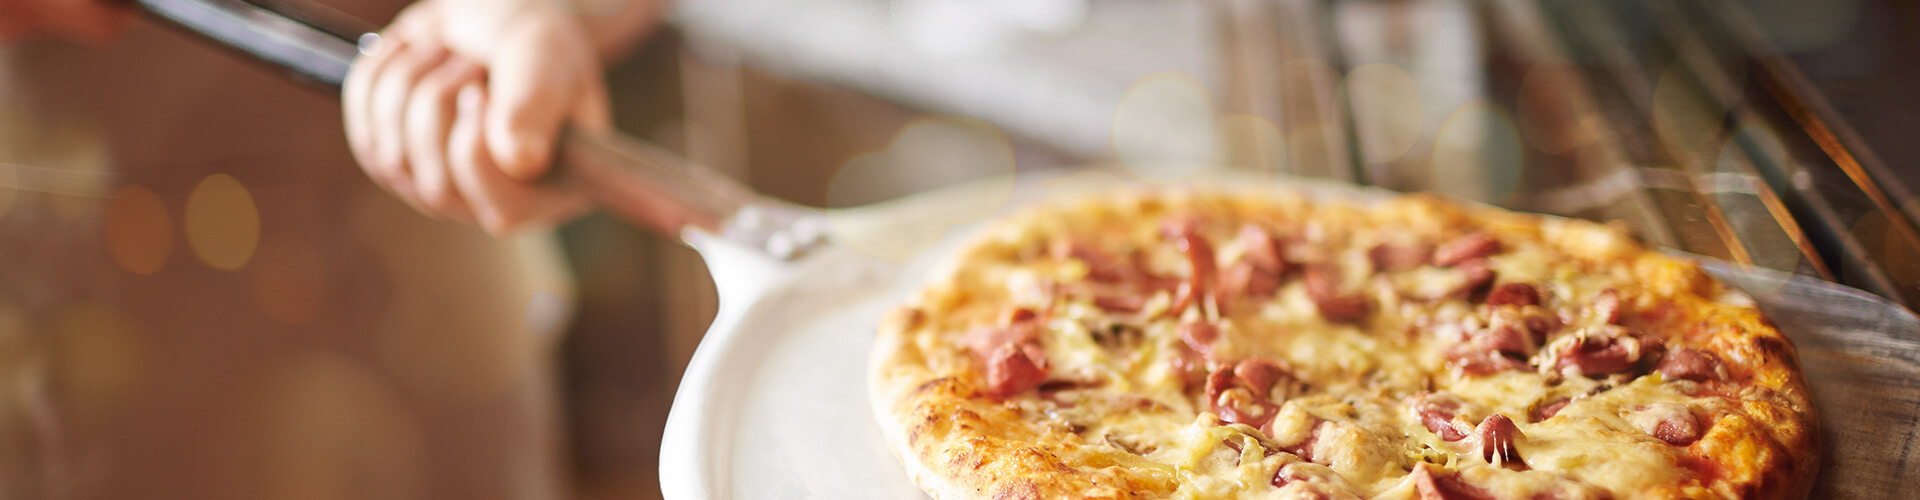 La Pizzeria 1 Pizzeria Al Colle